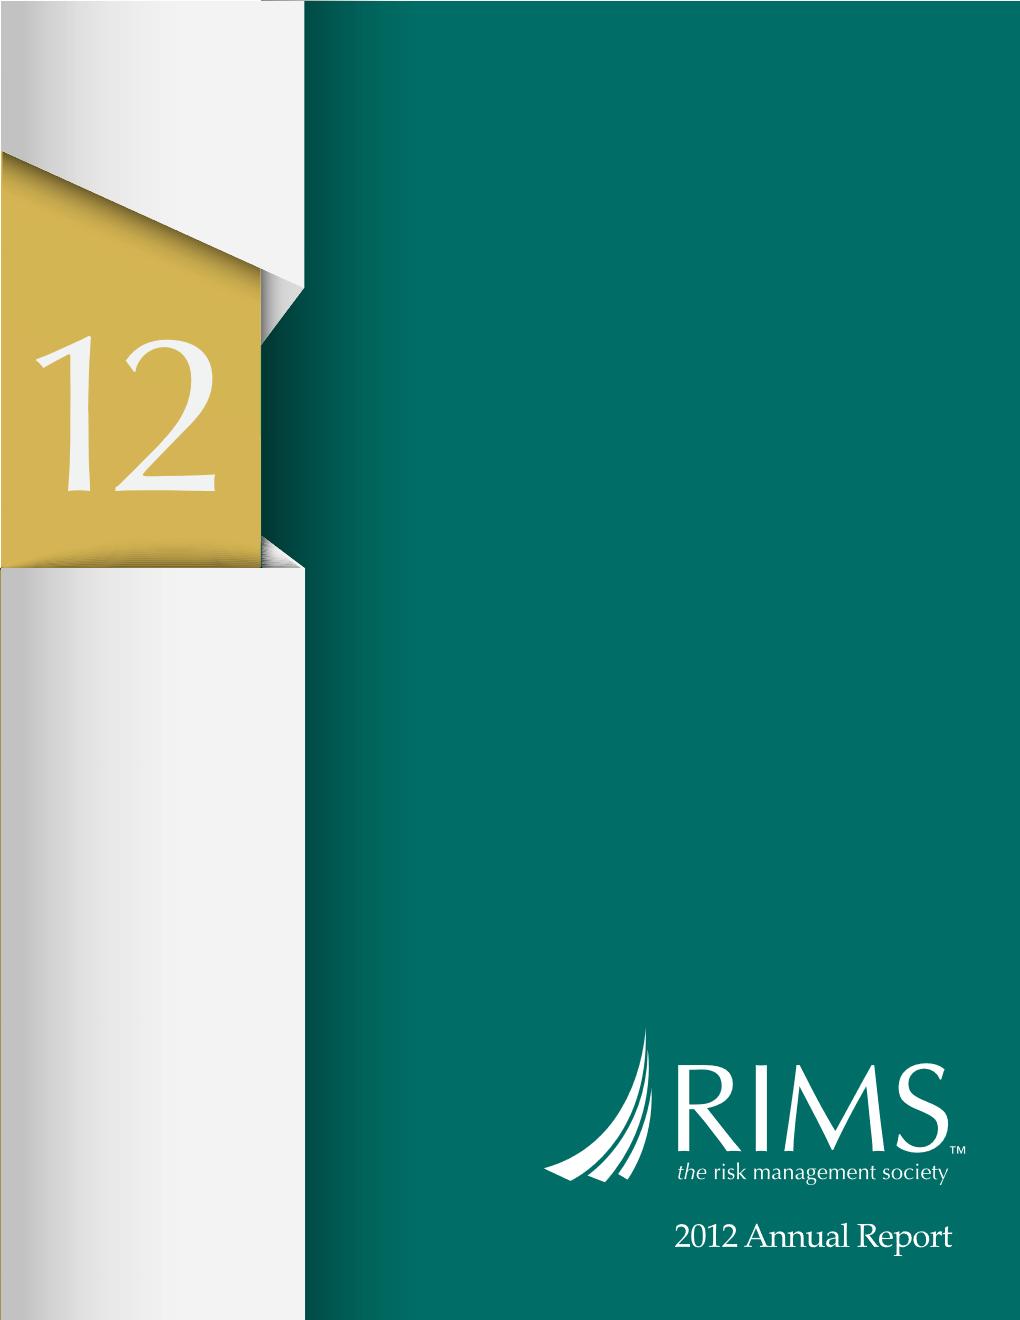 RIMS_Annual_Report_2012